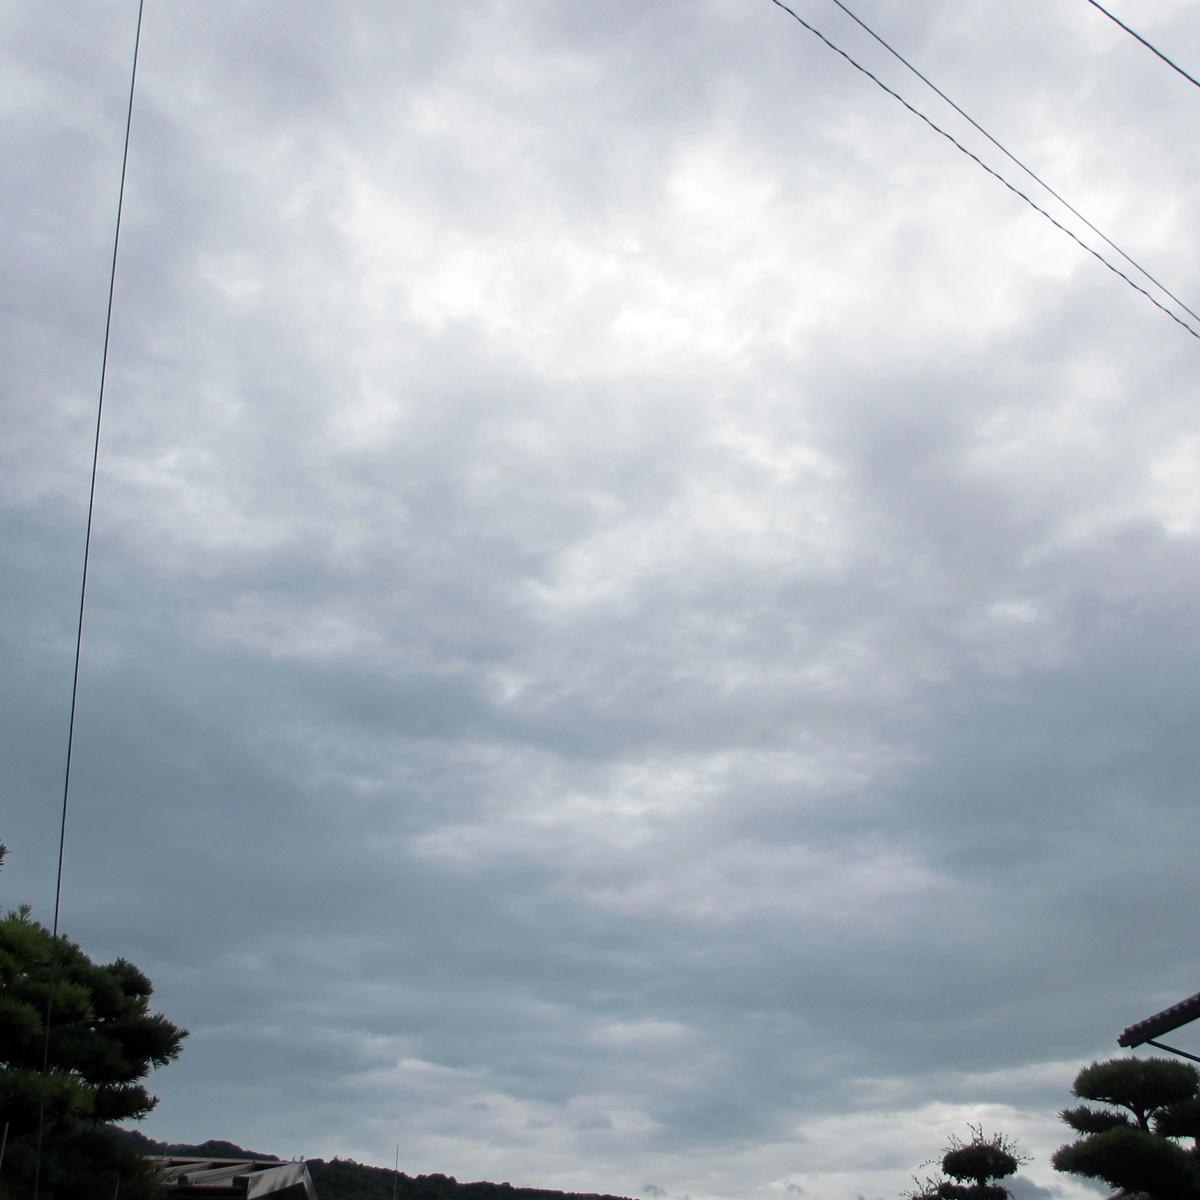 2015年6月26日(金)の空の写真 (1)